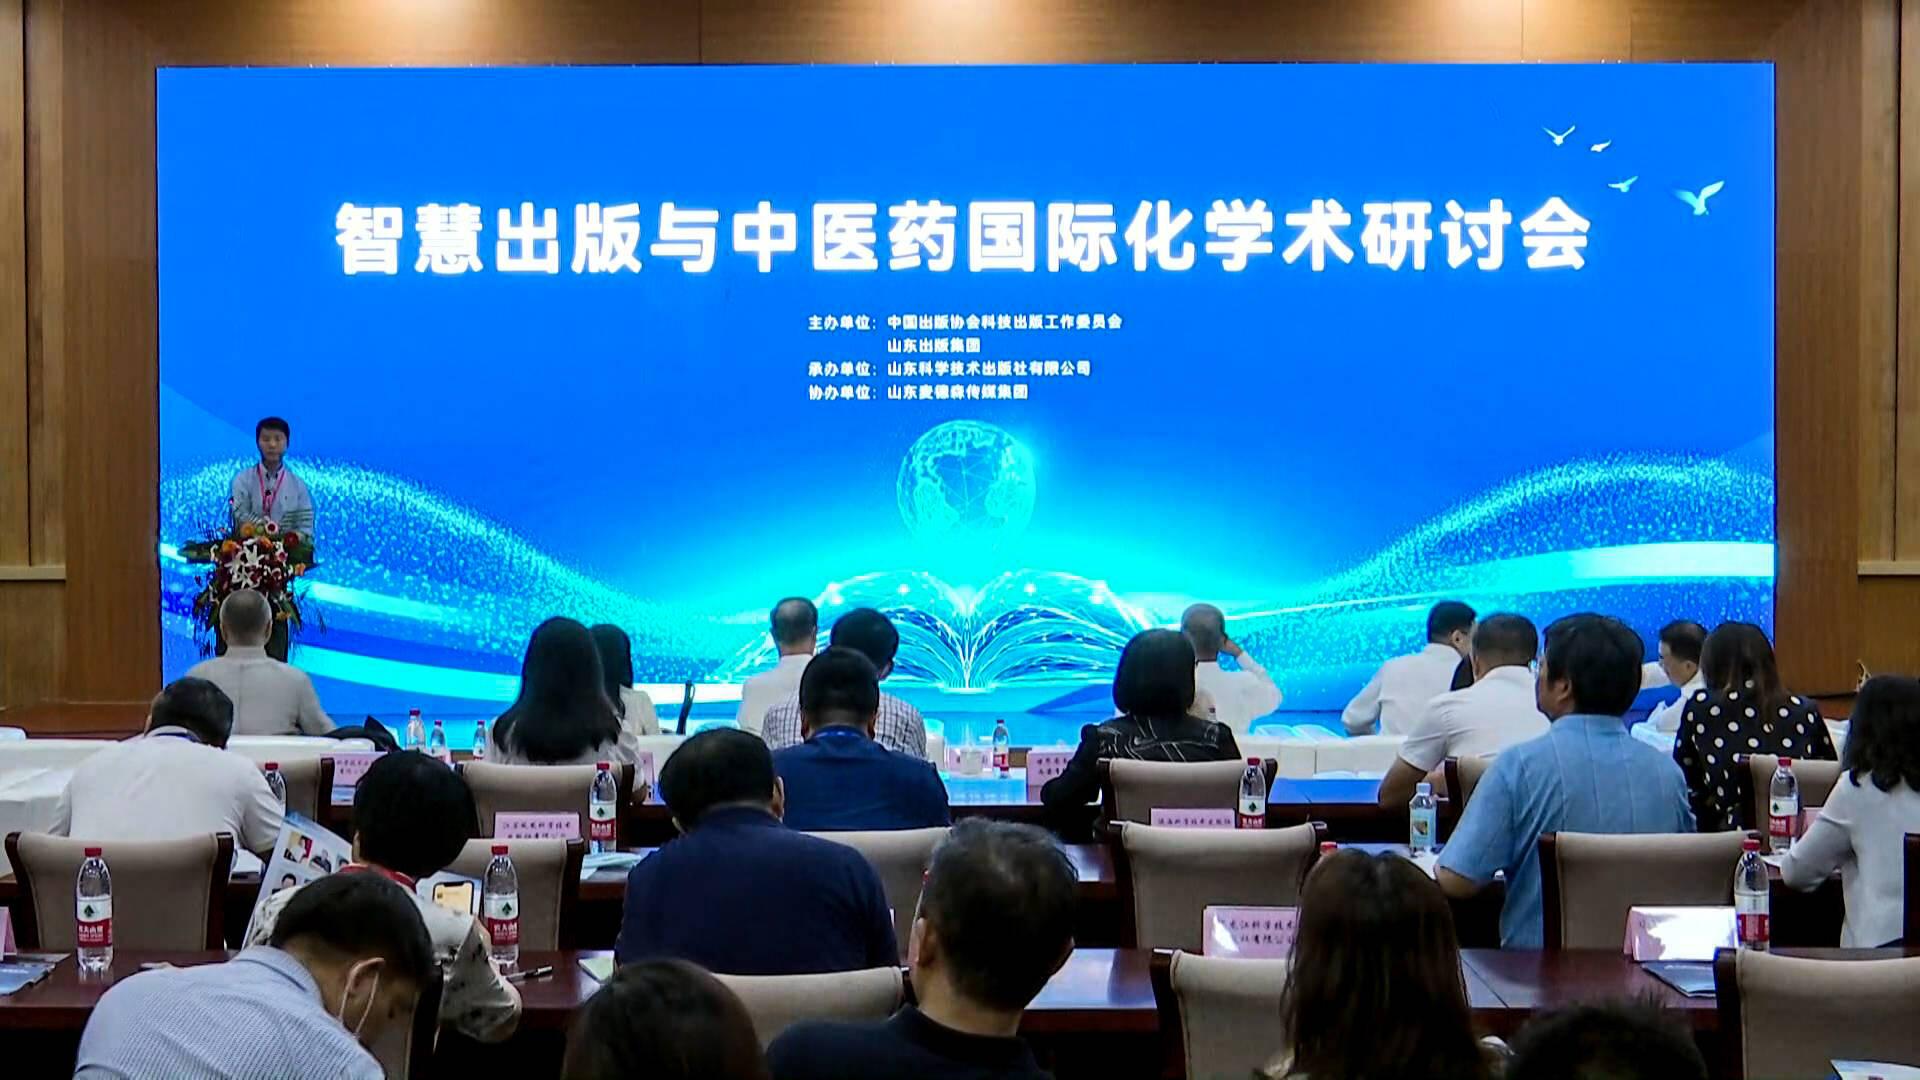 智慧出版与中医药国际化学术研讨会在济南举办